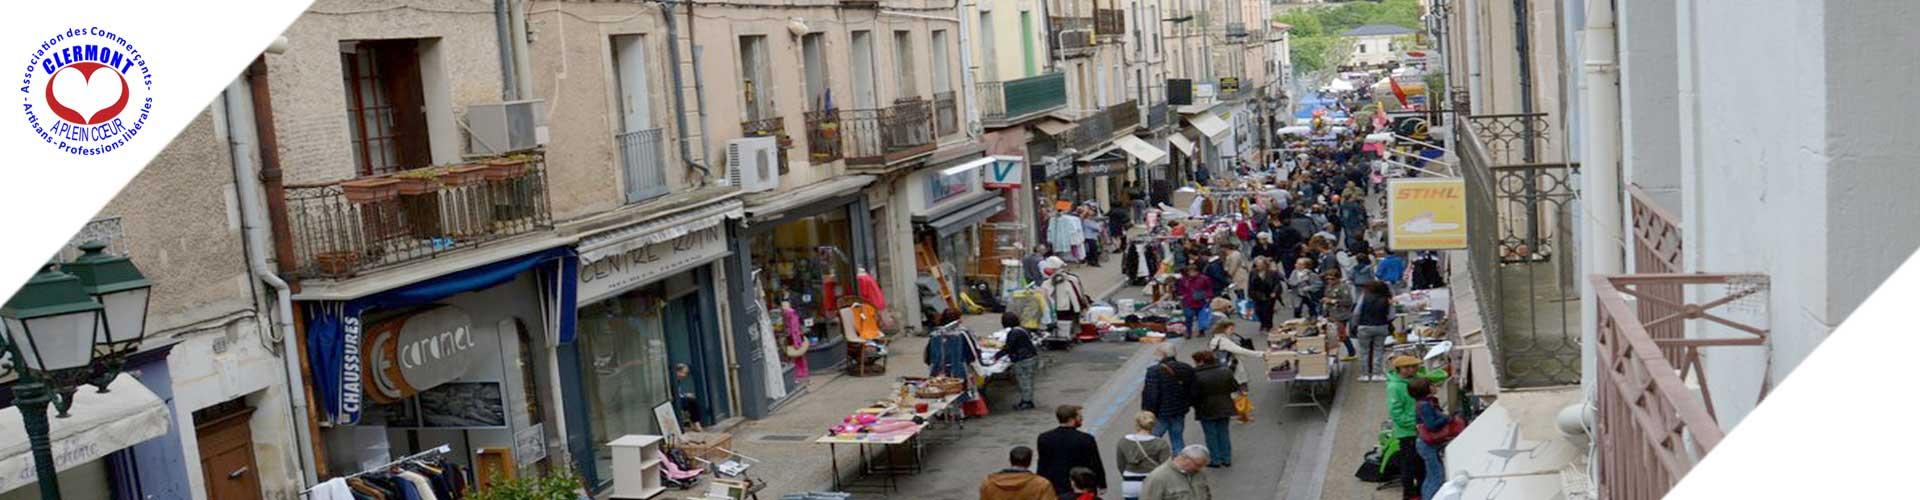 l'association des commerçants et artisans de clermont l'hérault. Clermont Plein Coeur